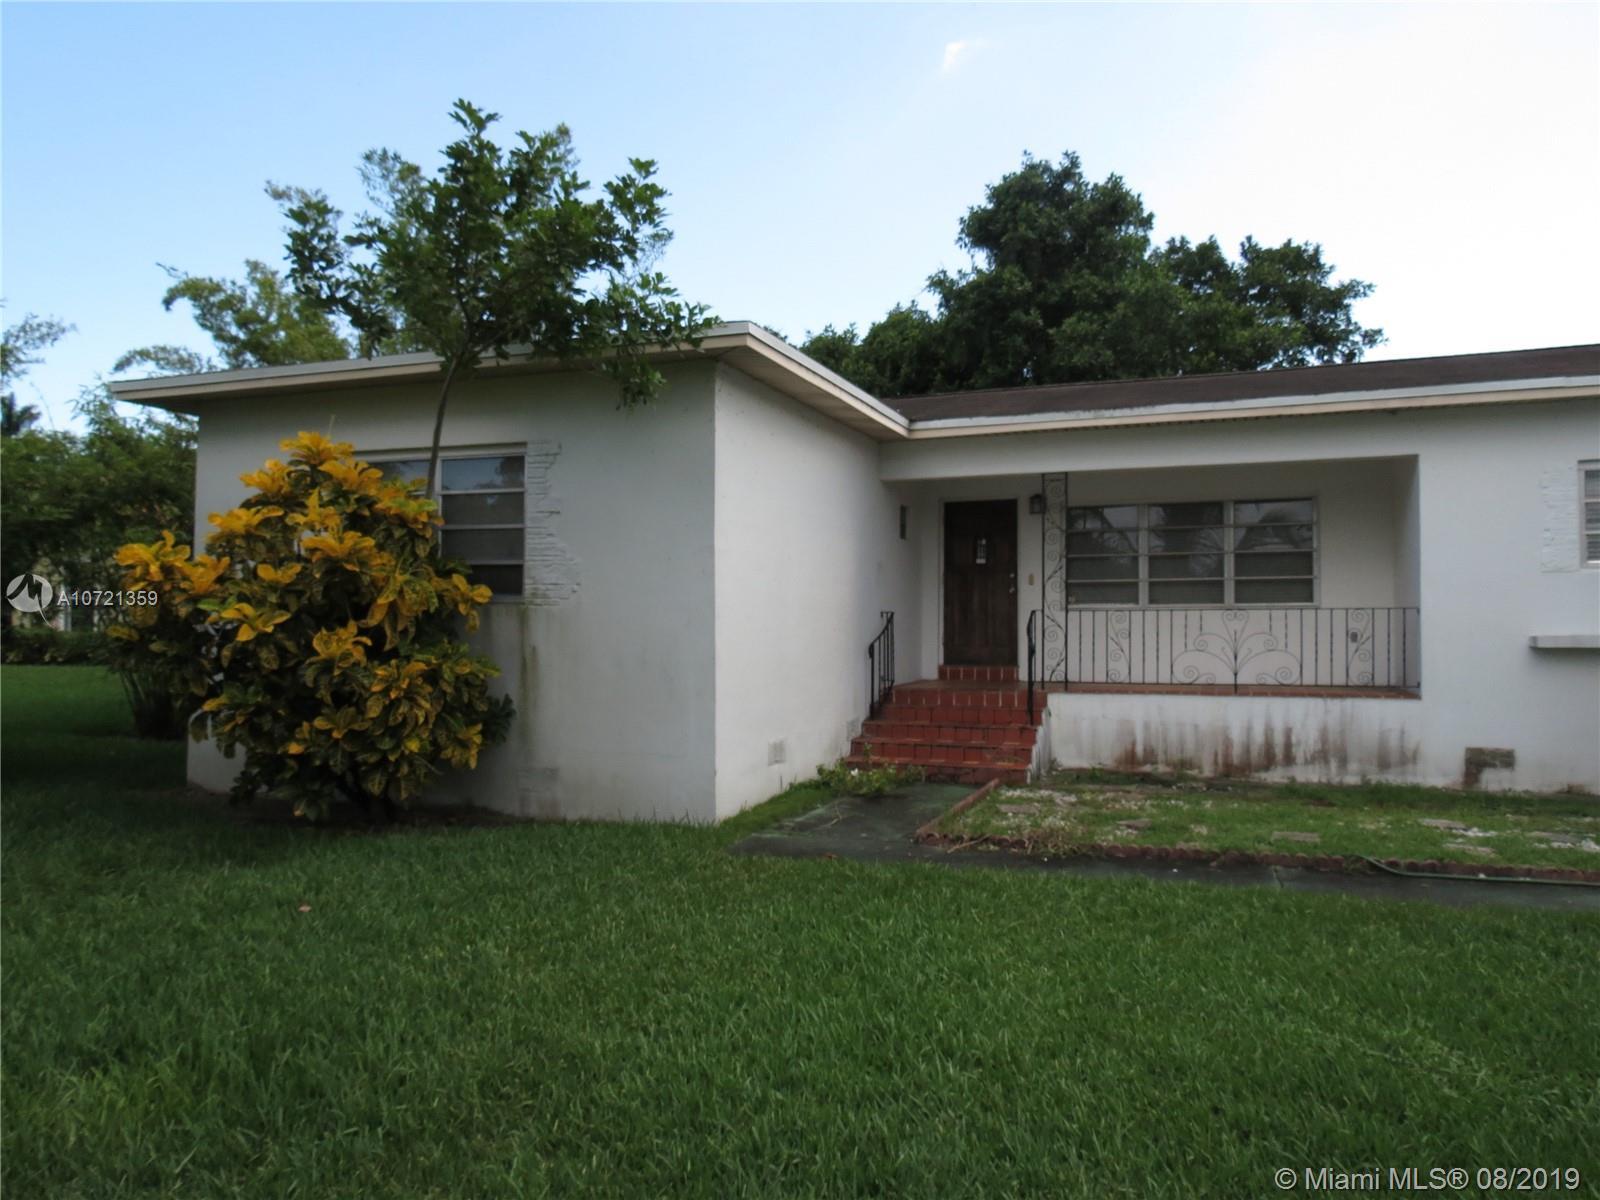 292 NE 150th St - North Miami, Florida